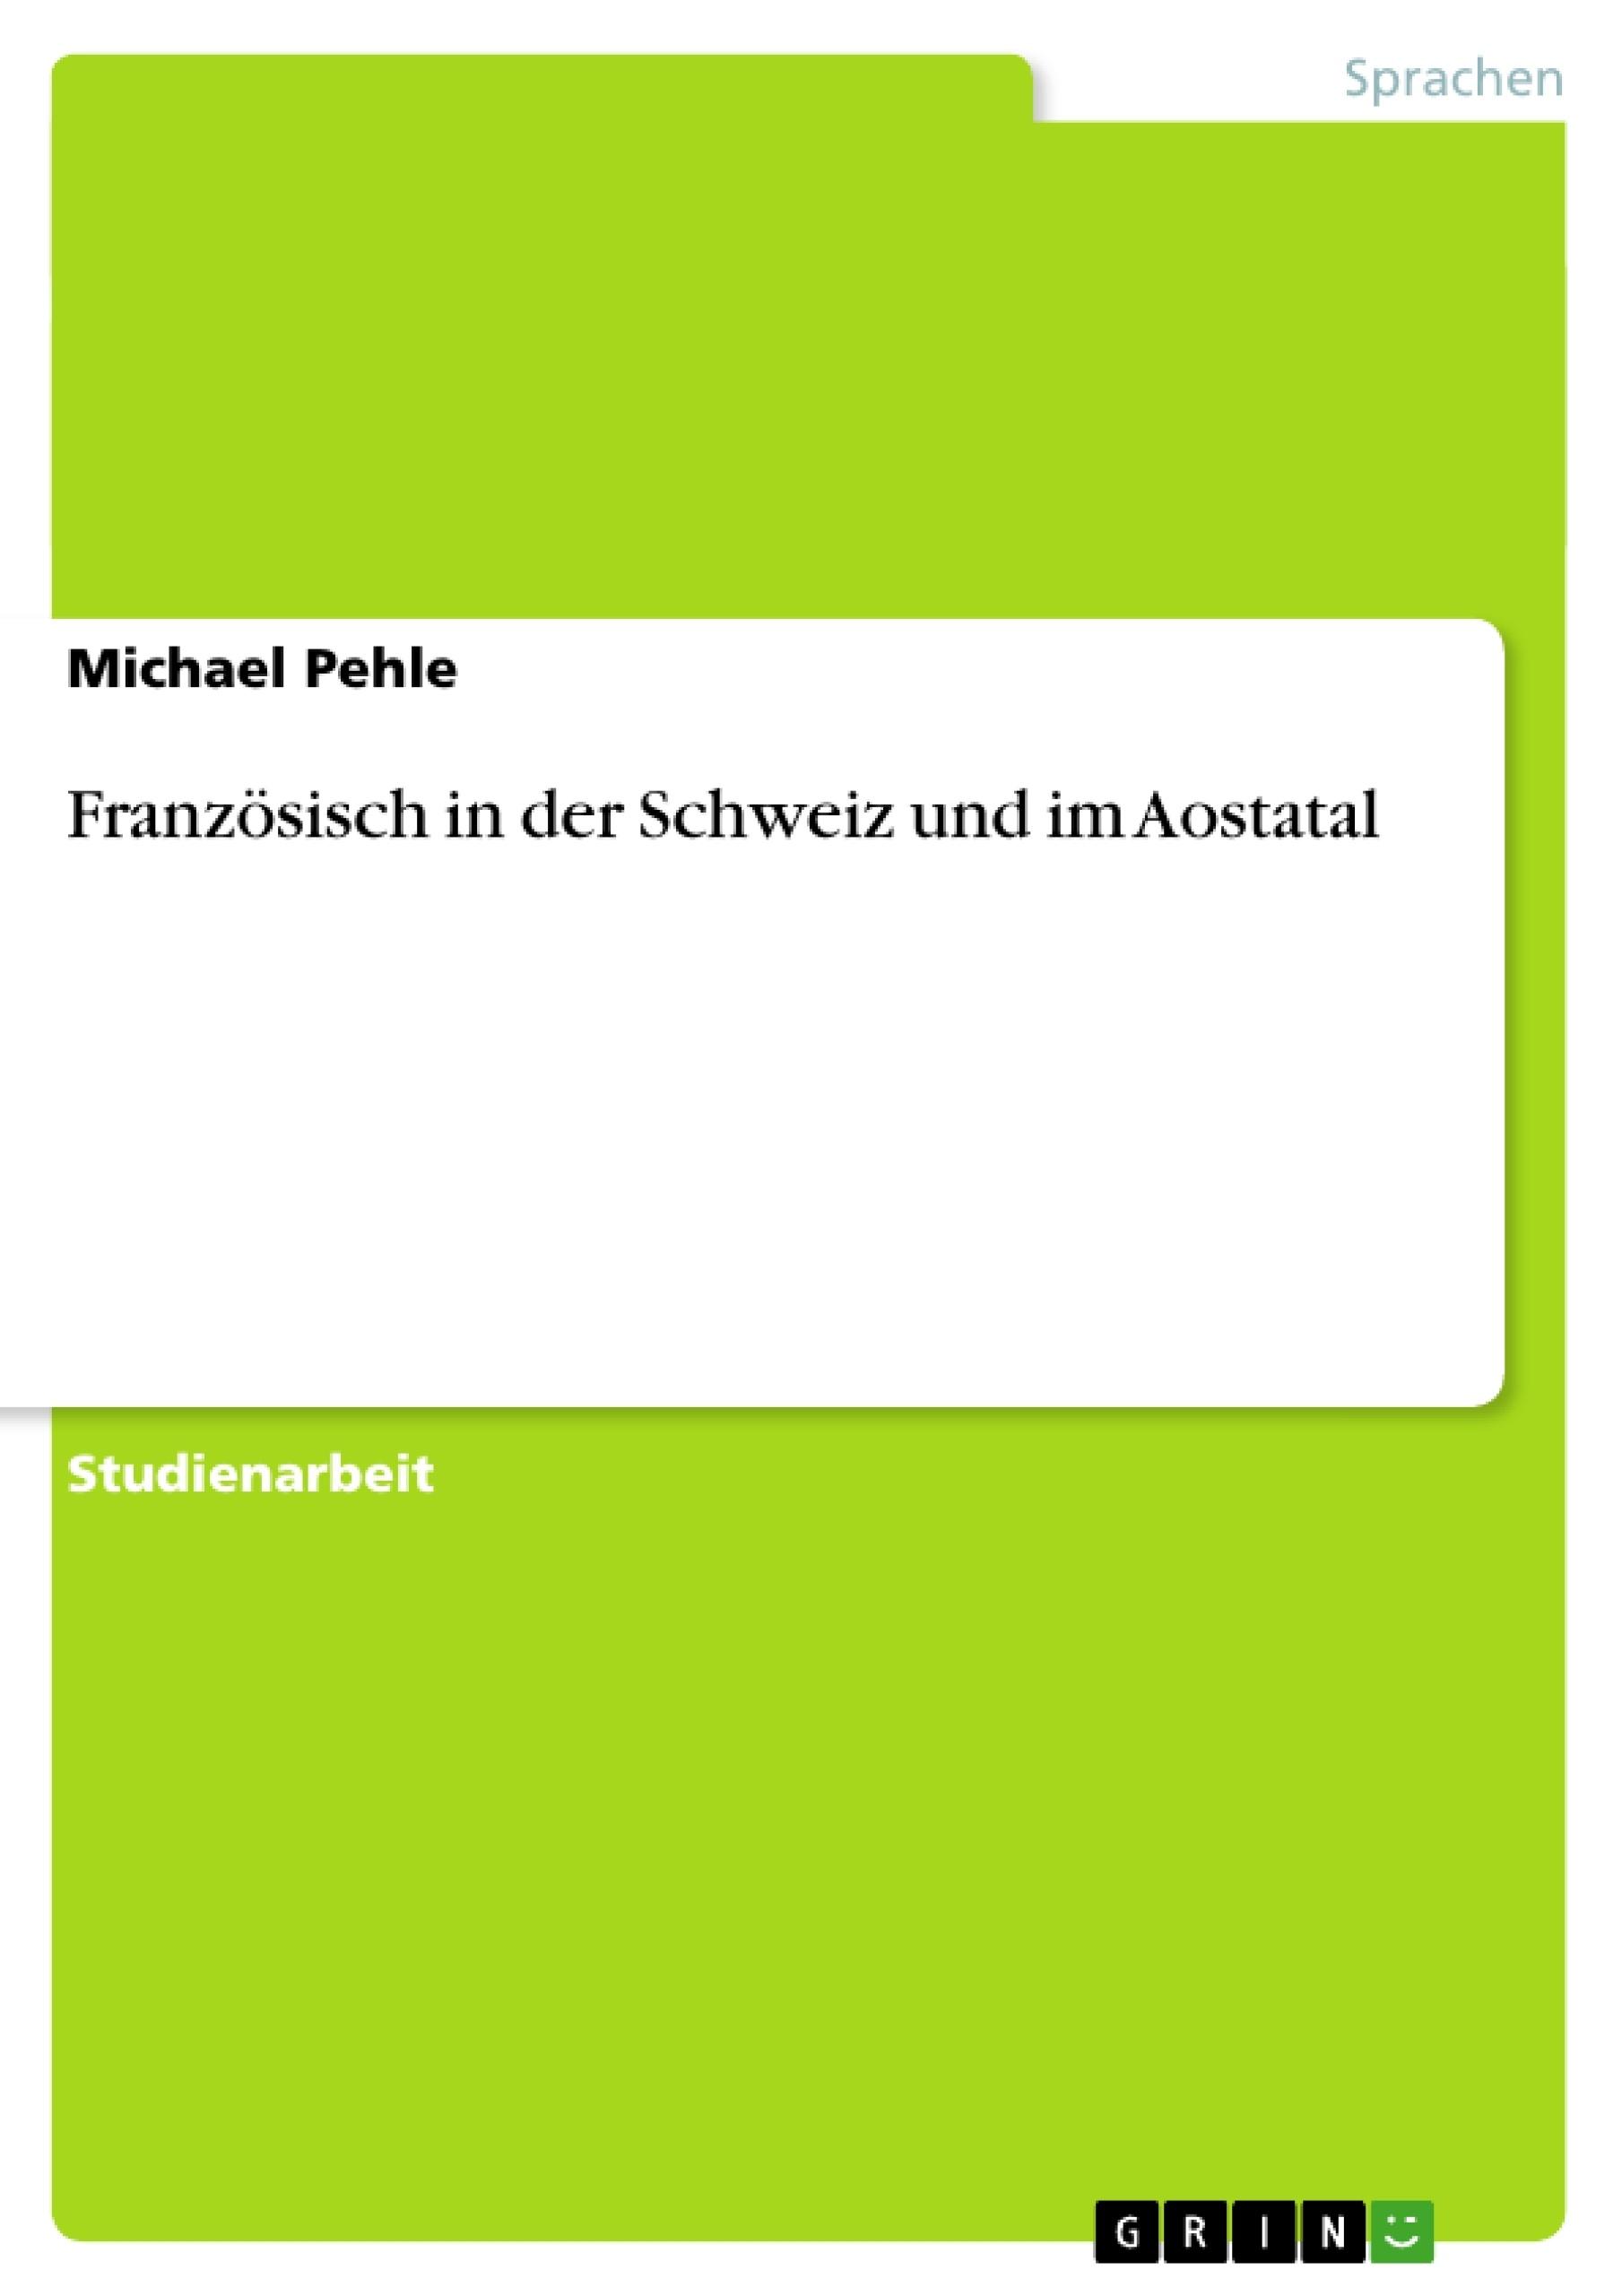 Titel: Französisch in der Schweiz und im Aostatal